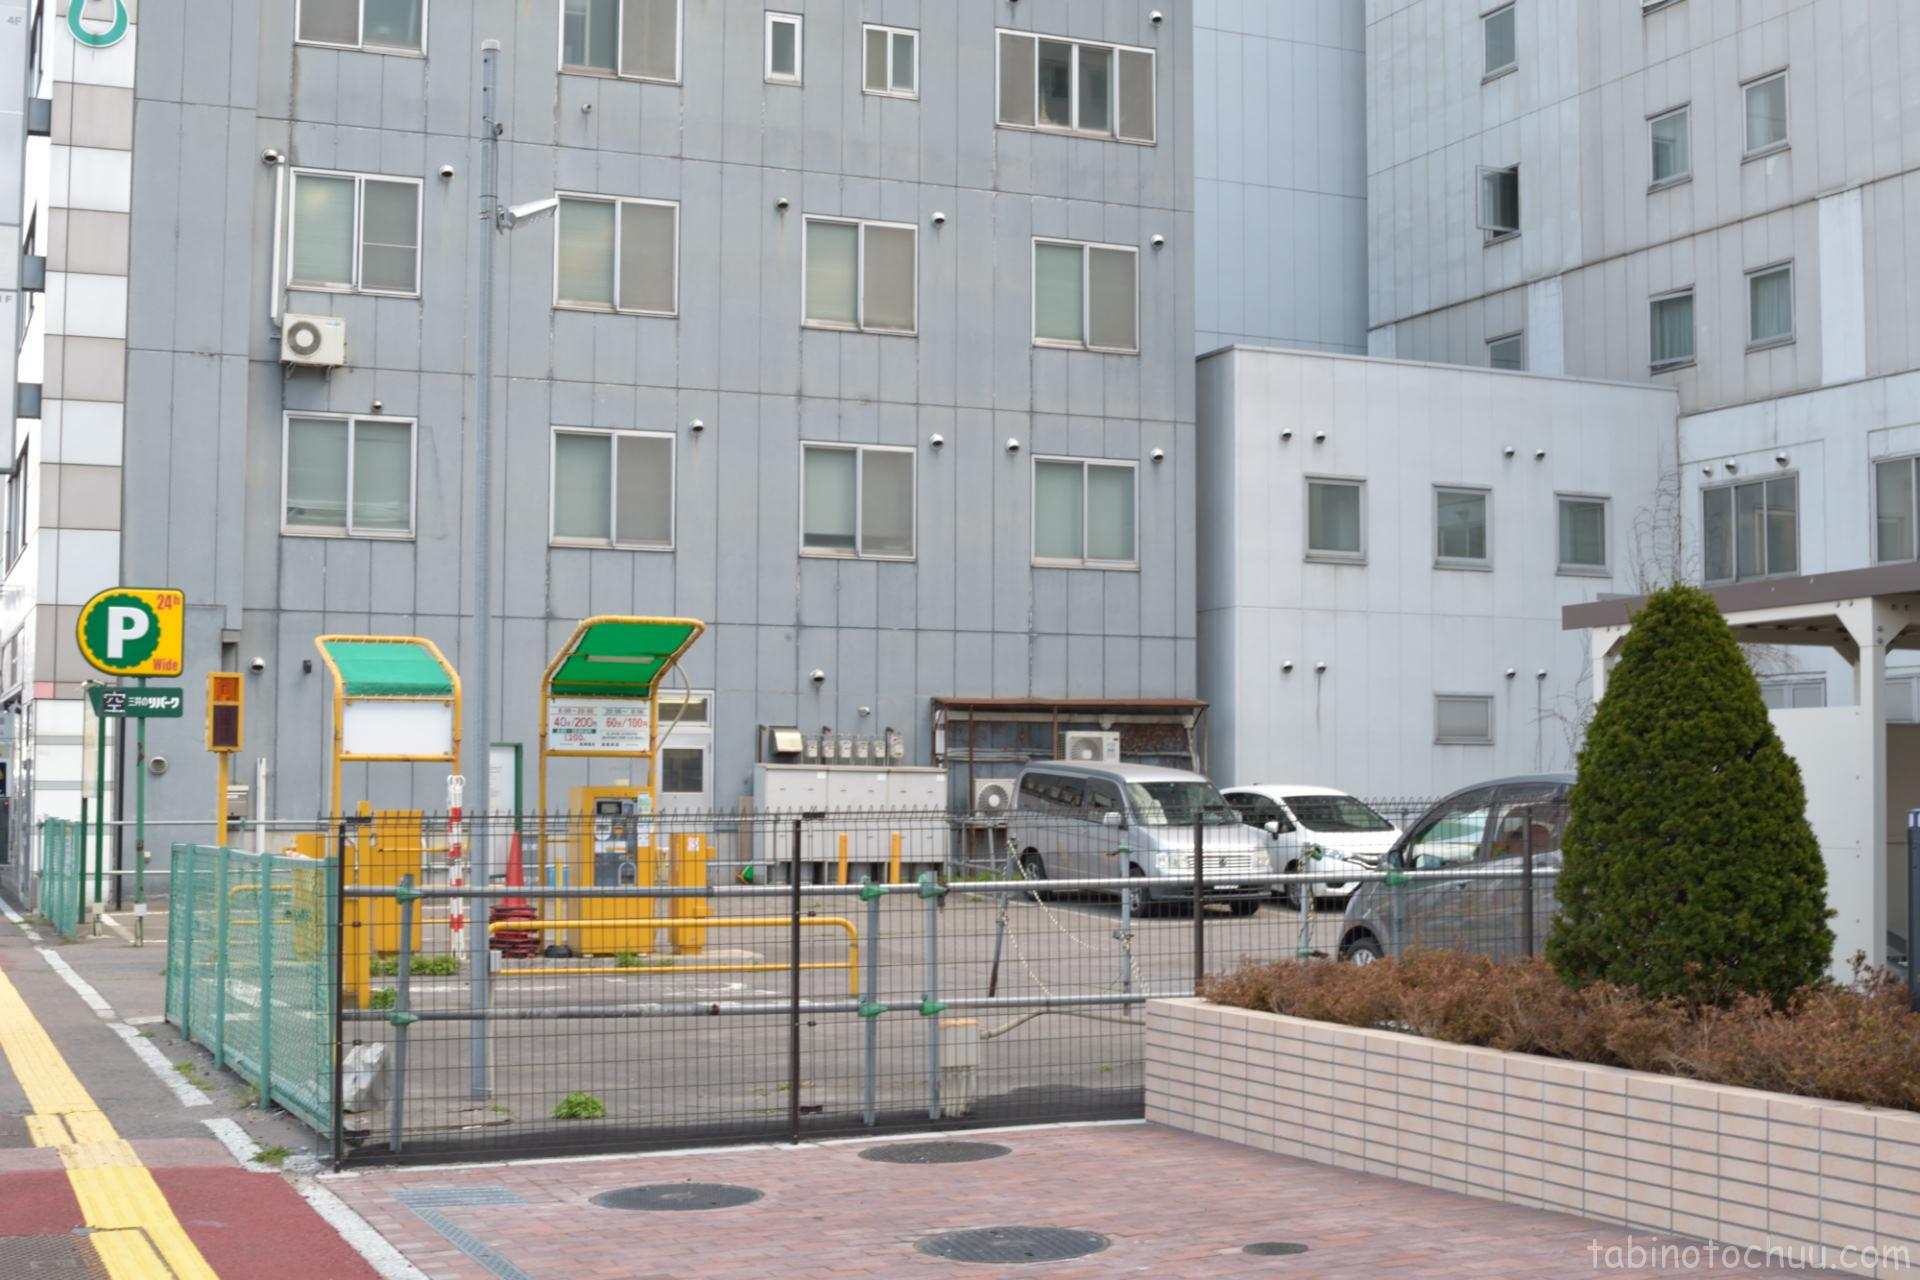 函館駅近くのコインパーキング